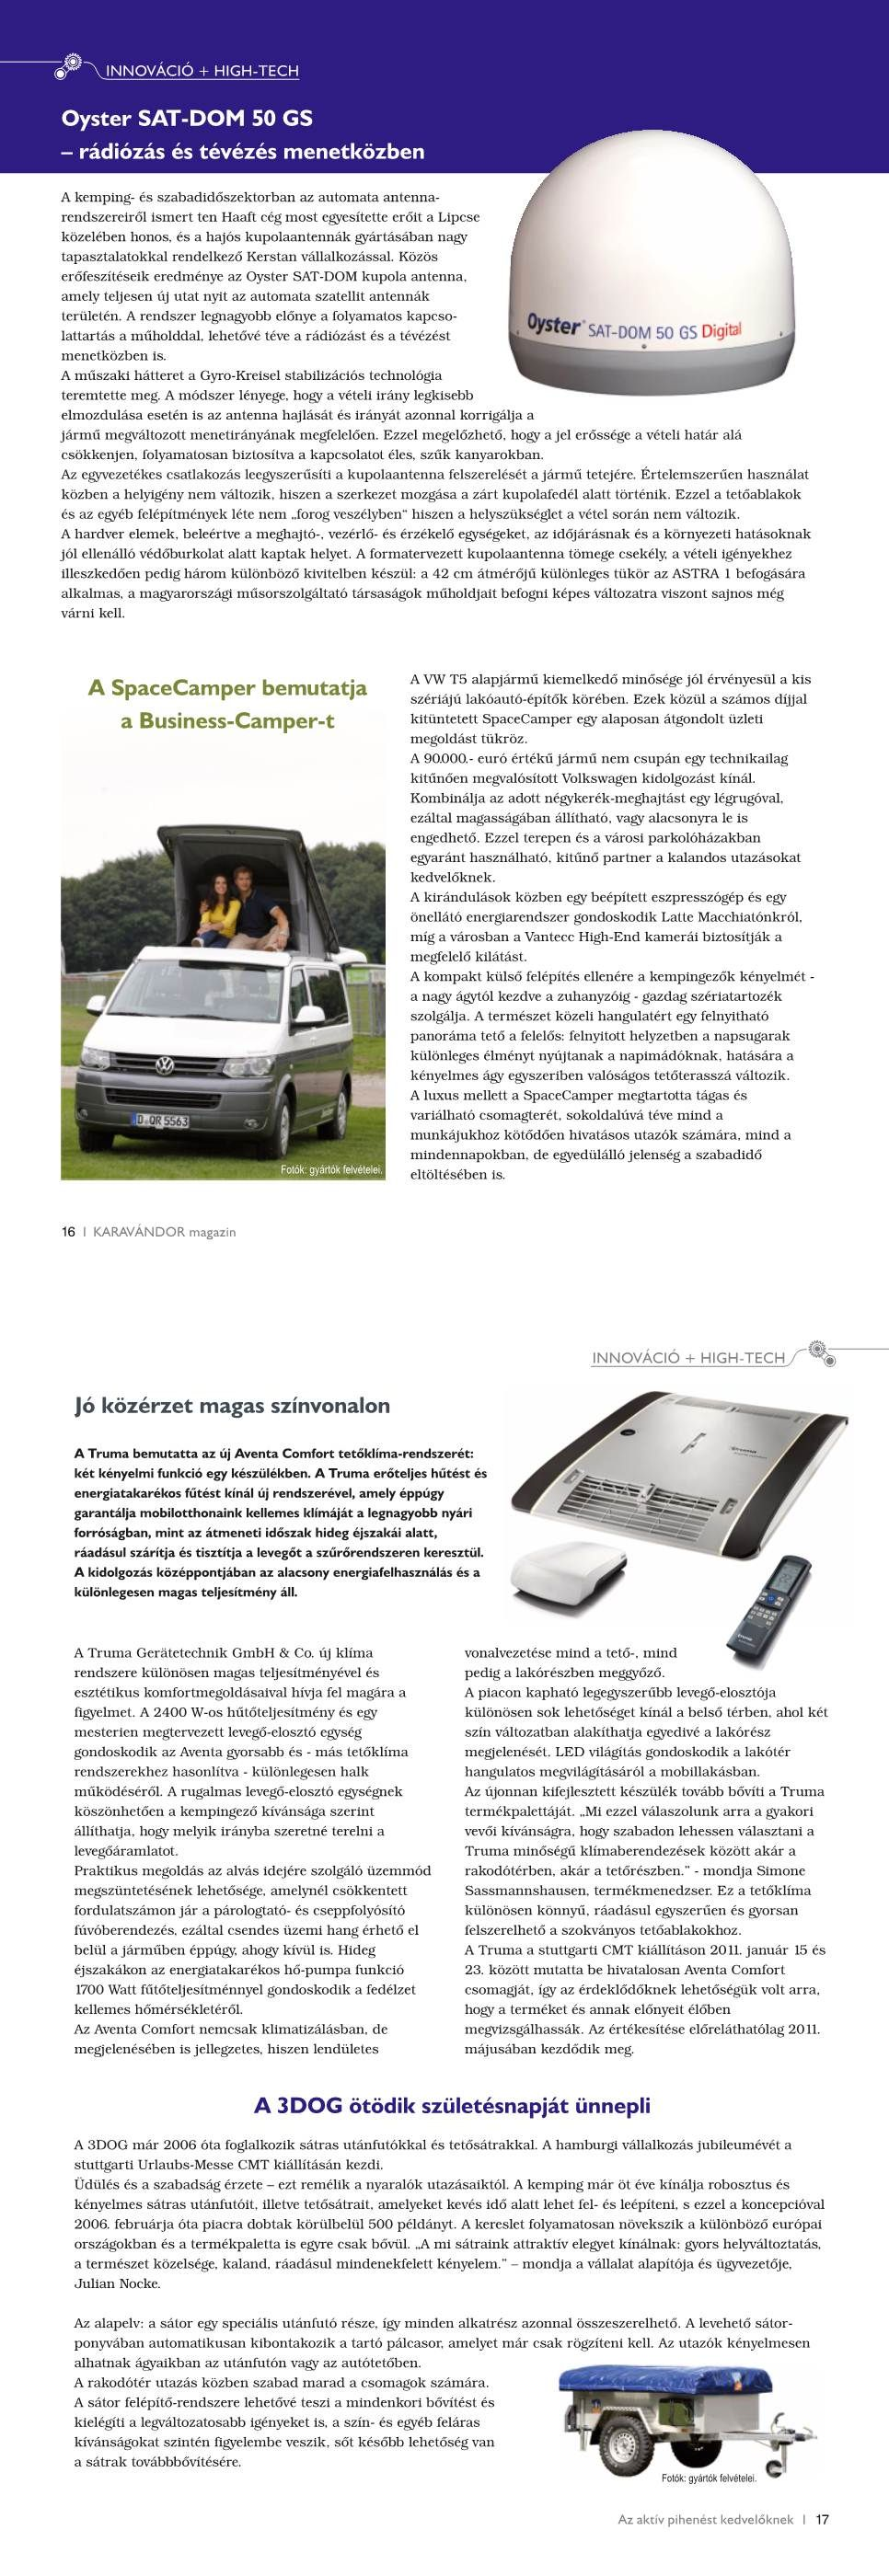 Innováció + High-Tech - Újdonságok innen-onnan